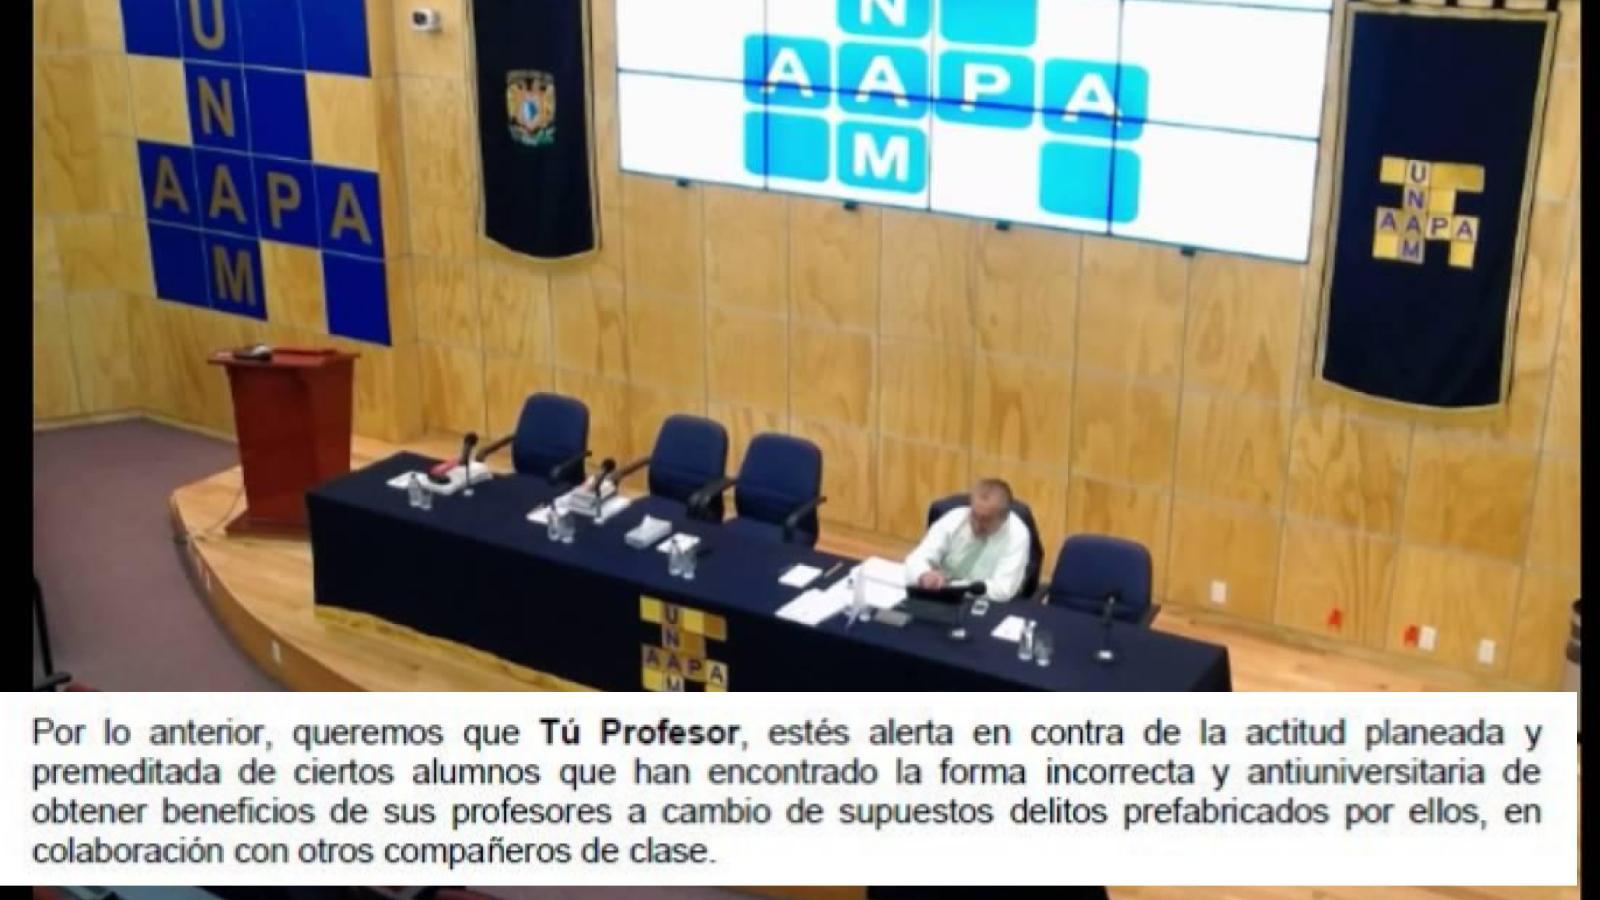 AAPAUNAM generaliza y criminaliza denuncias de acoso sexual en la UNAM